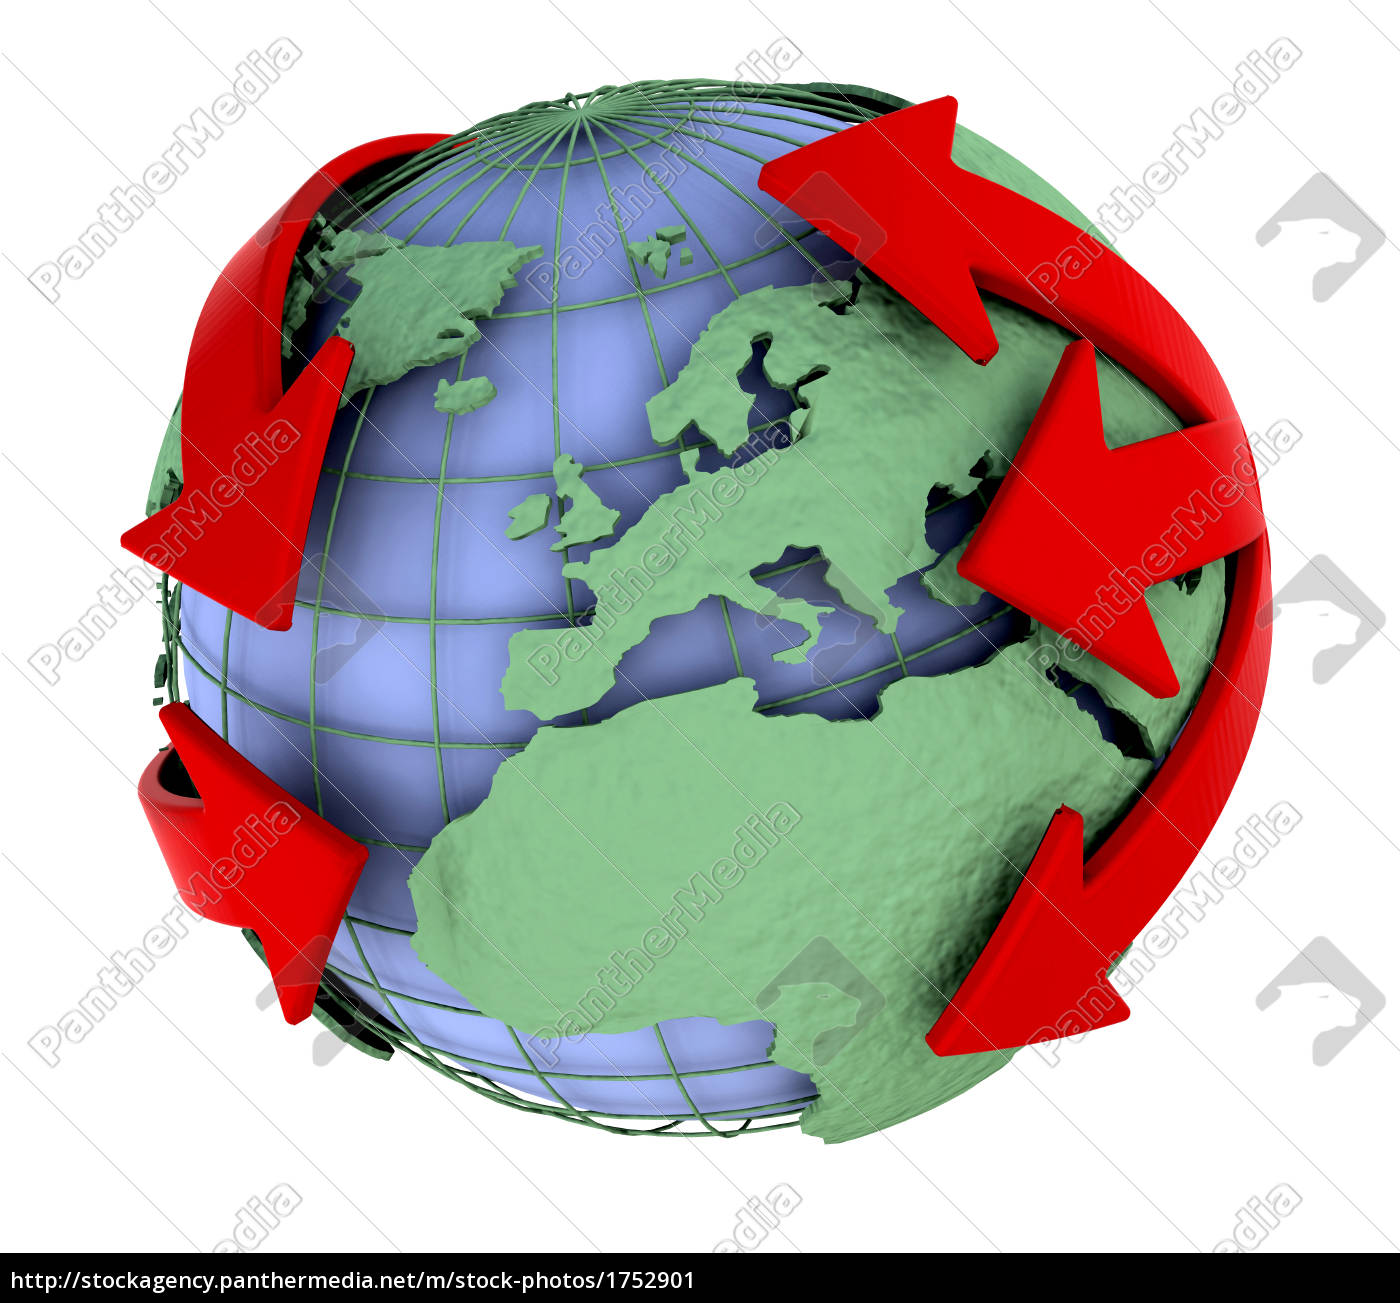 global - 1752901